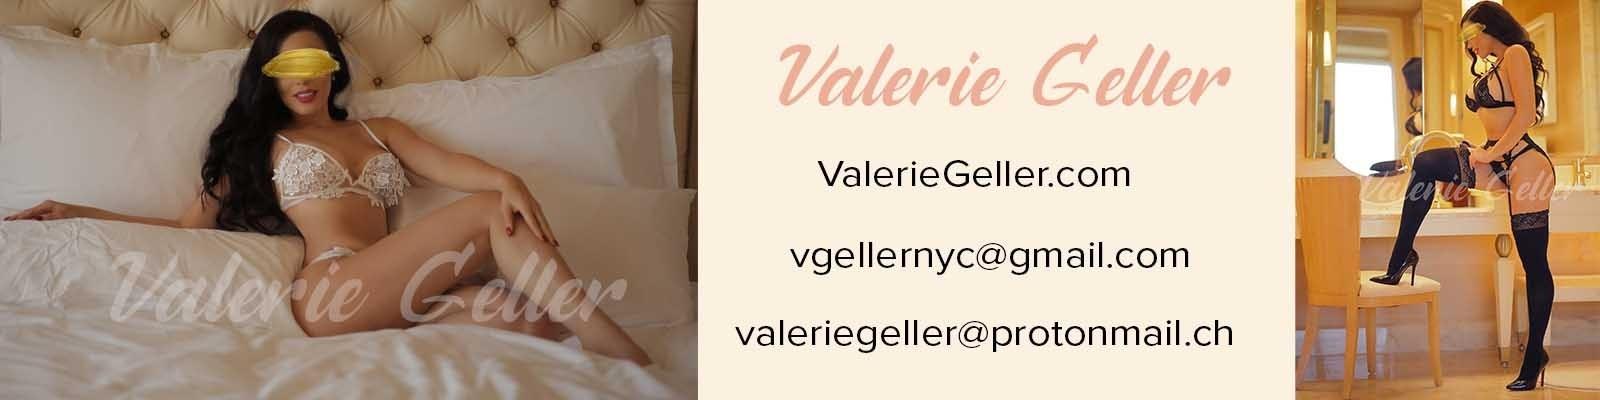 Valerie Geller Italian Beauty's Cover Photo